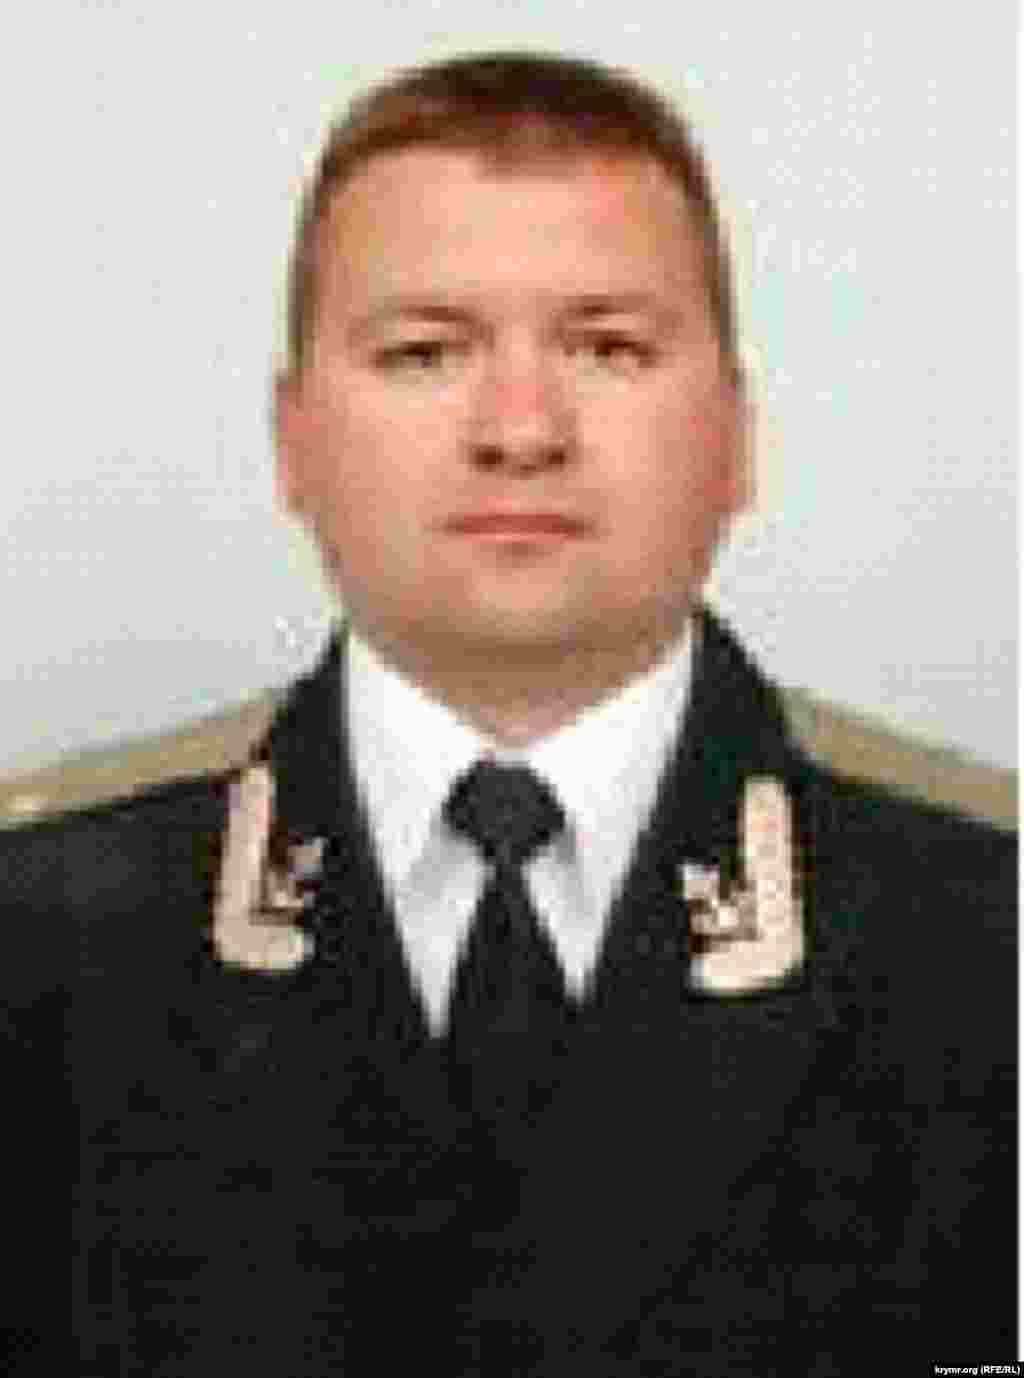 Александр Журавский - сотрудник ФСБ в Севастопольском главке российского Минюста